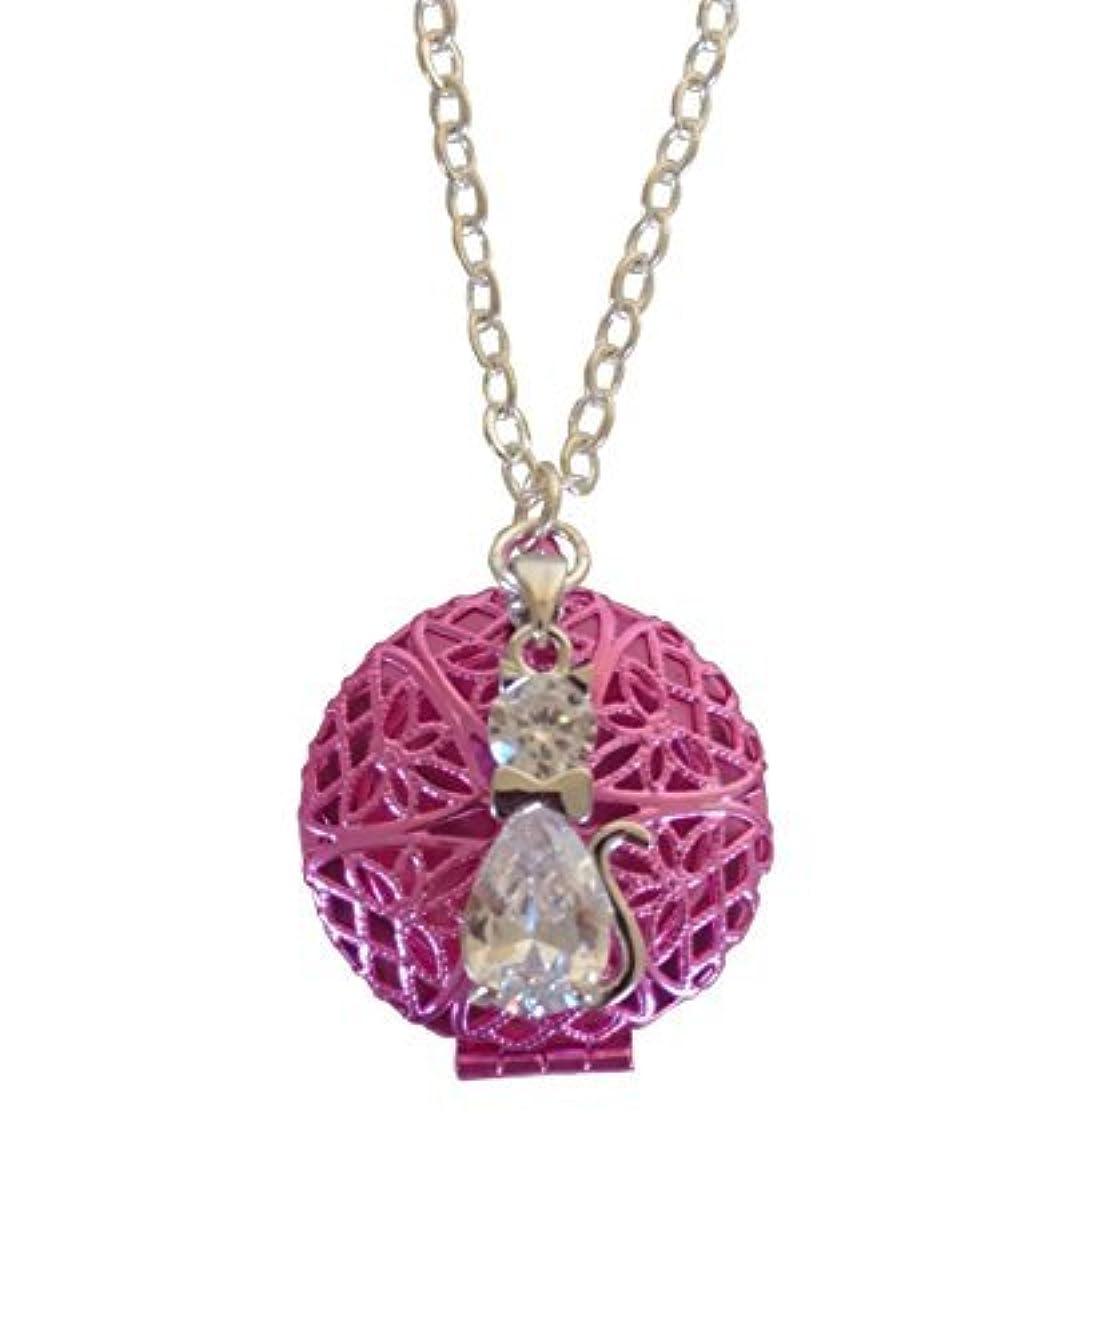 テスト私たちの換気するPink Tuxedo Cat Girl's Aromatherapy Necklace Essential Oil Diffuser Locket Pendant Jewelry for Children w/reusable...